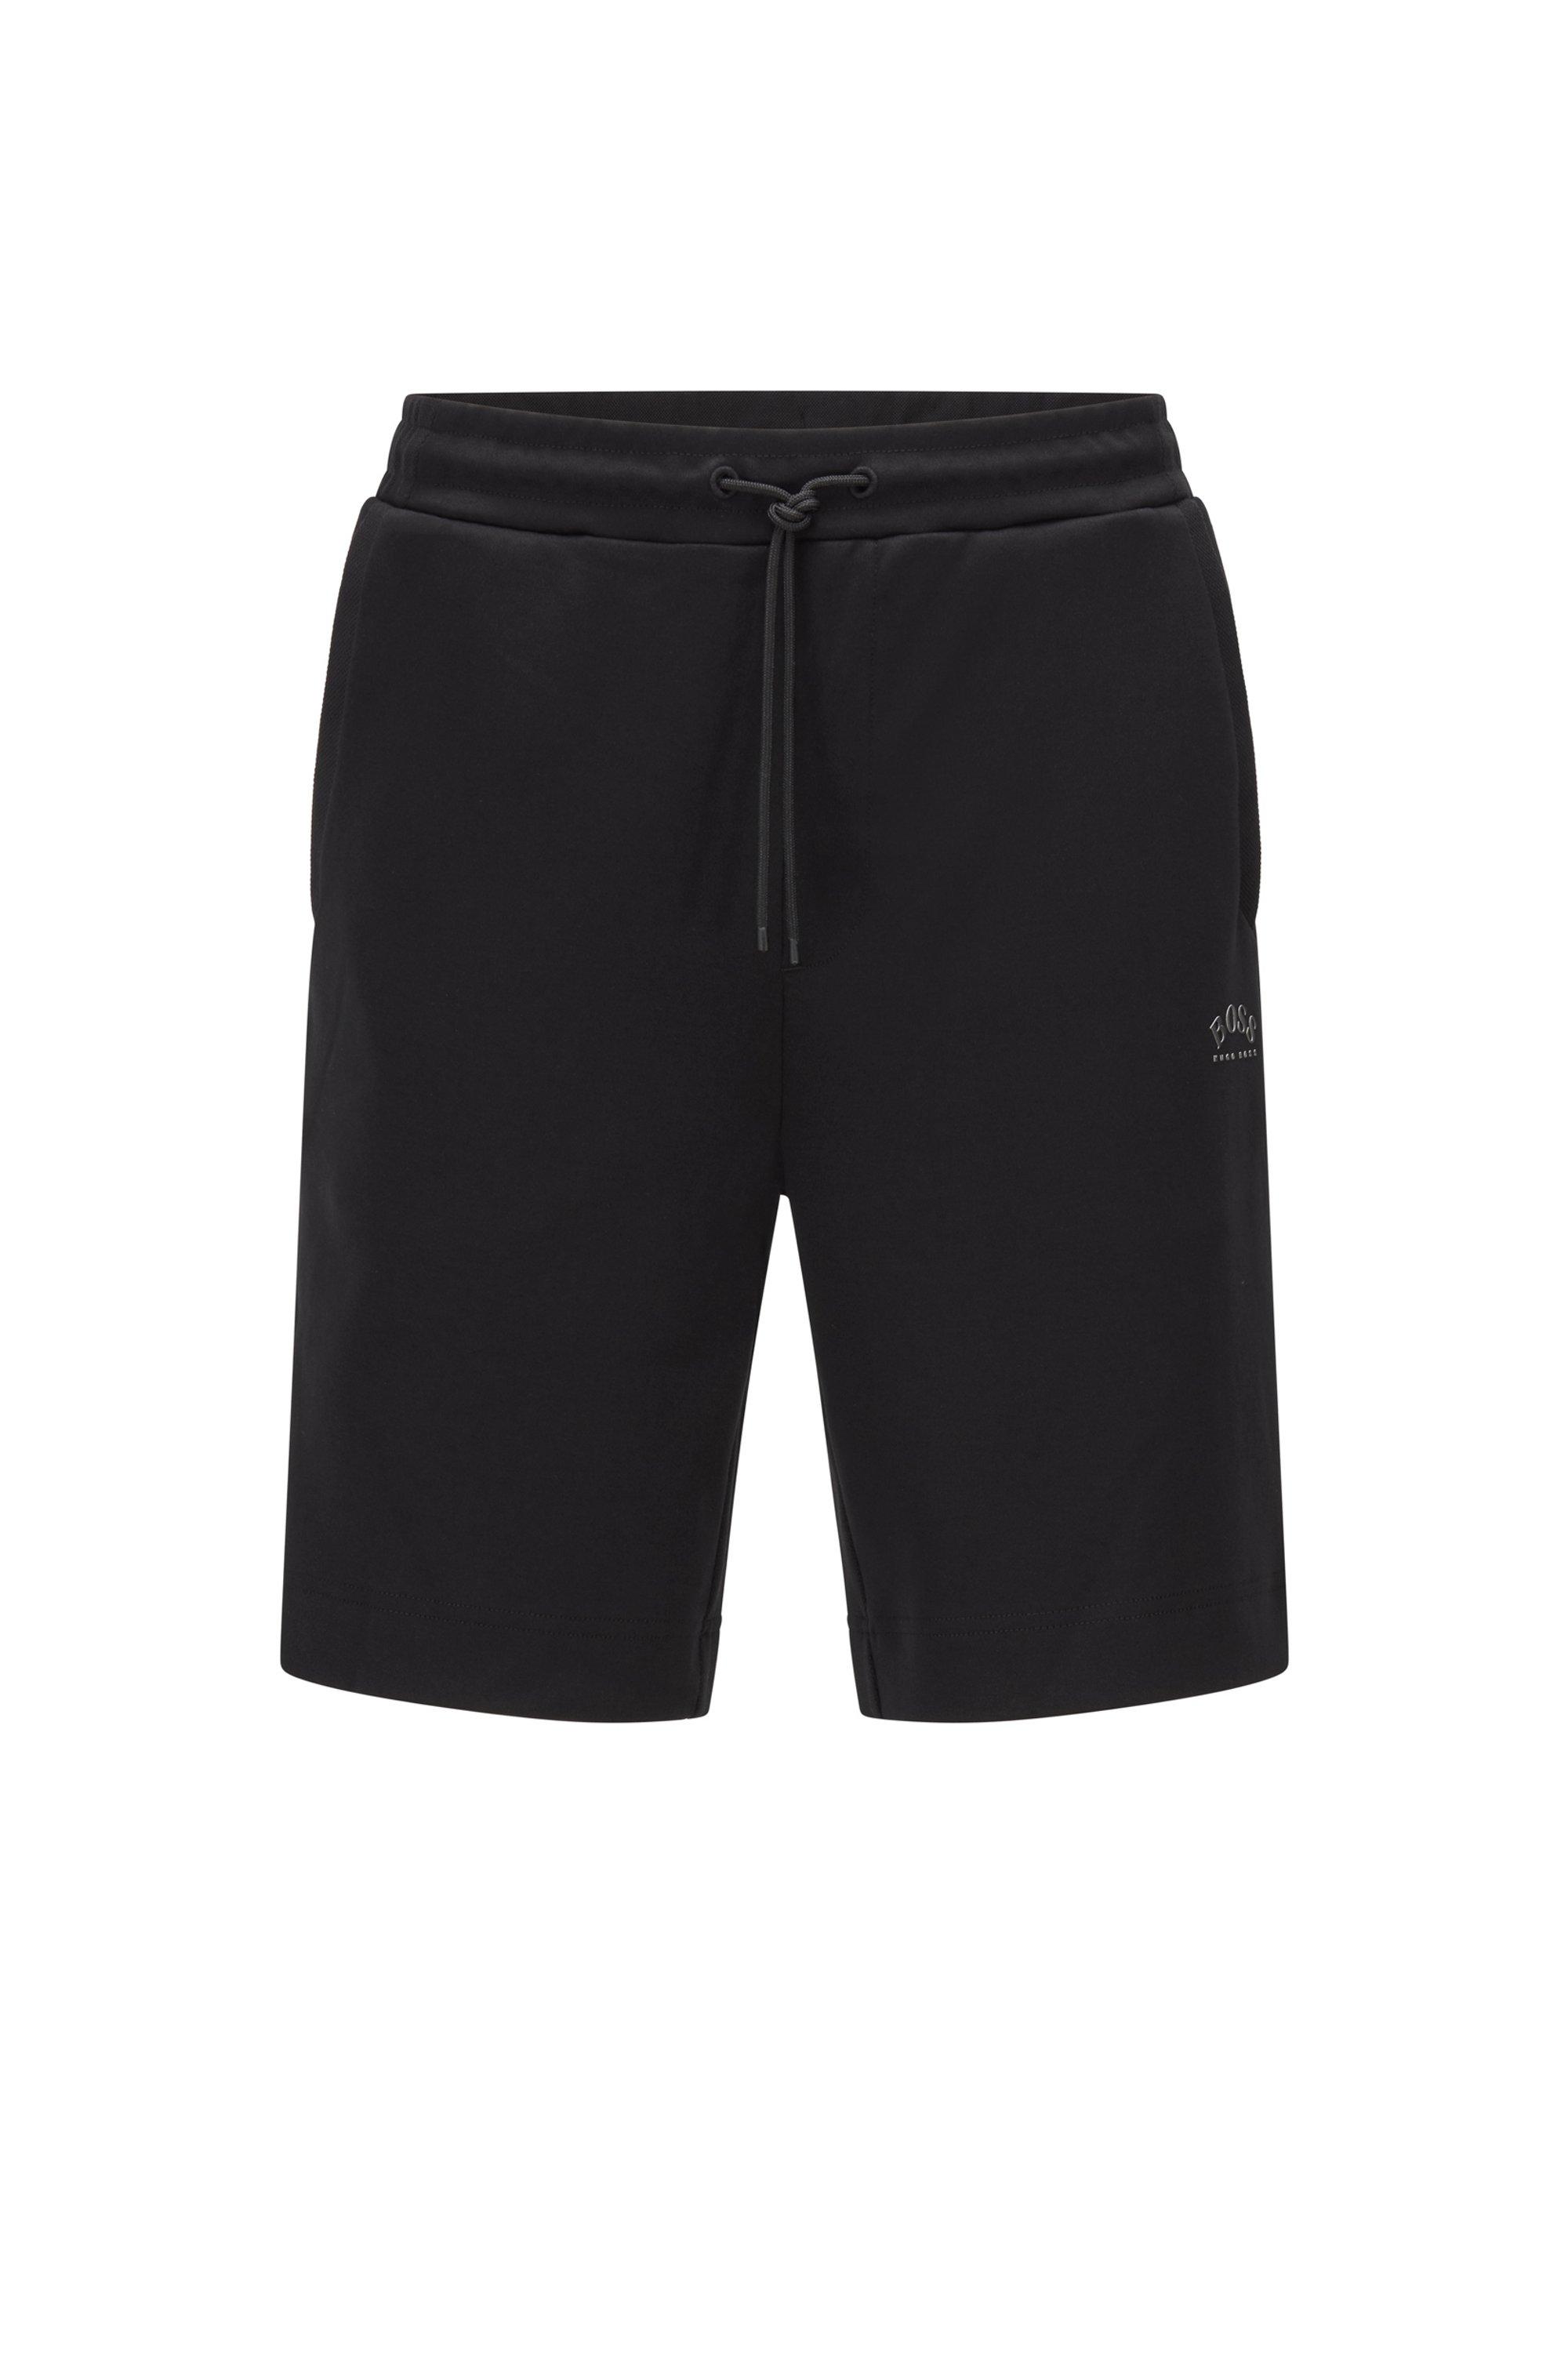 Shorts aus Baumwoll-Jersey mit Tunnelzug und tonaler Piqué-Struktur, Schwarz